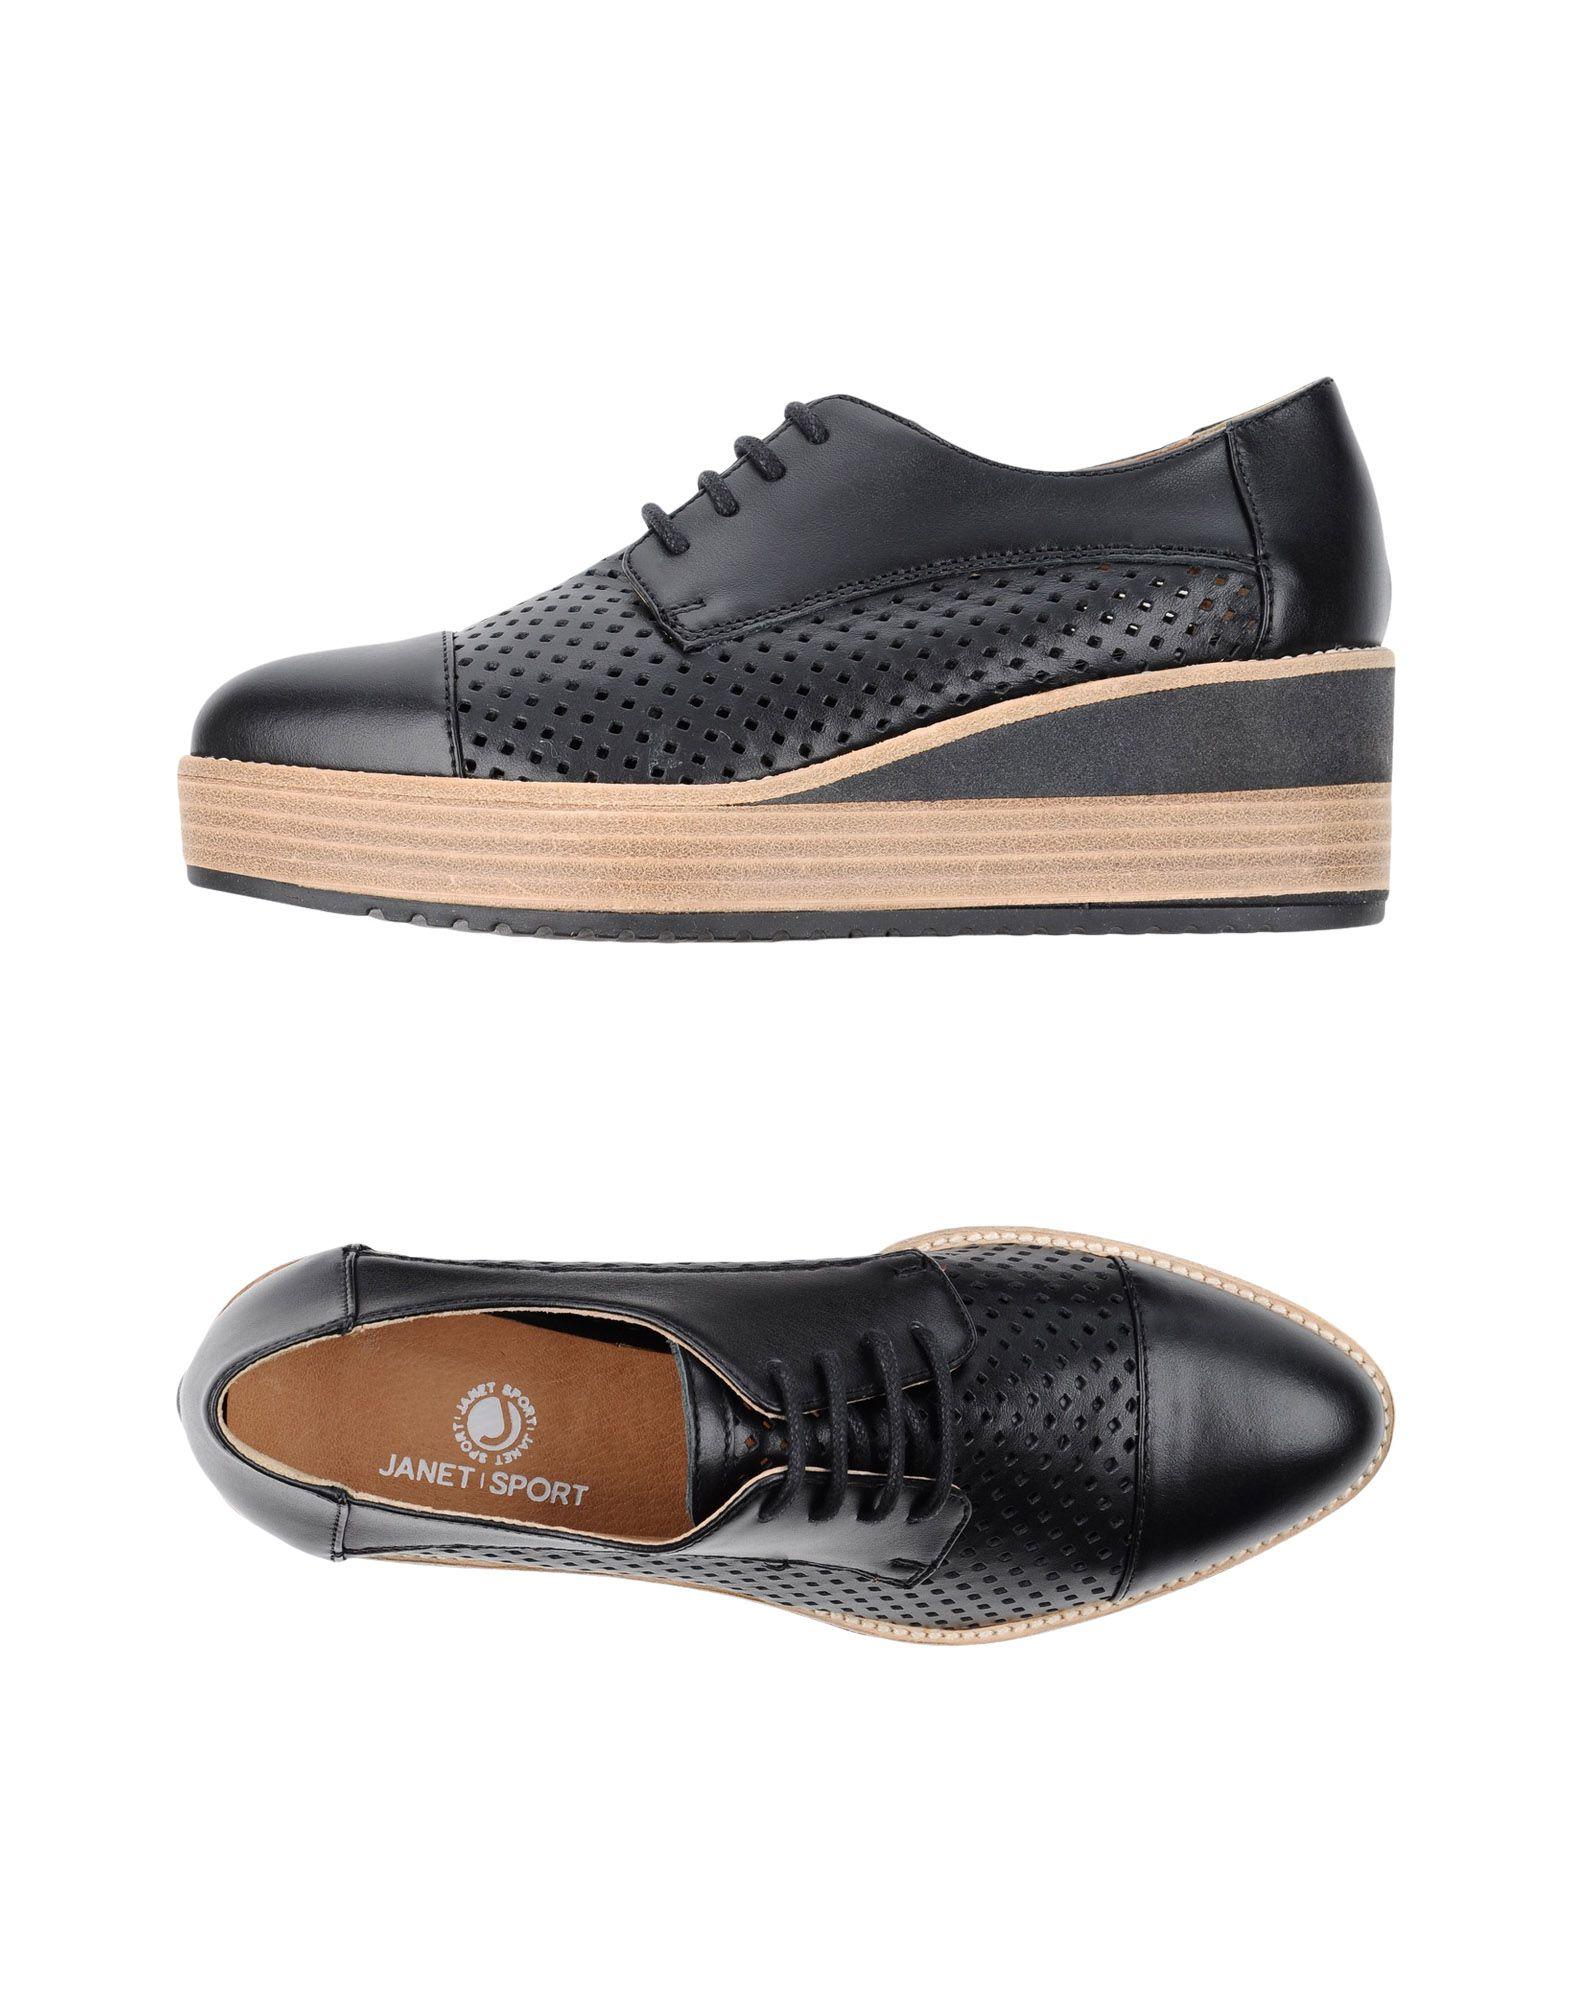 Chaussures - Chaussures À Lacets Le Sport Janet bQ2a7l